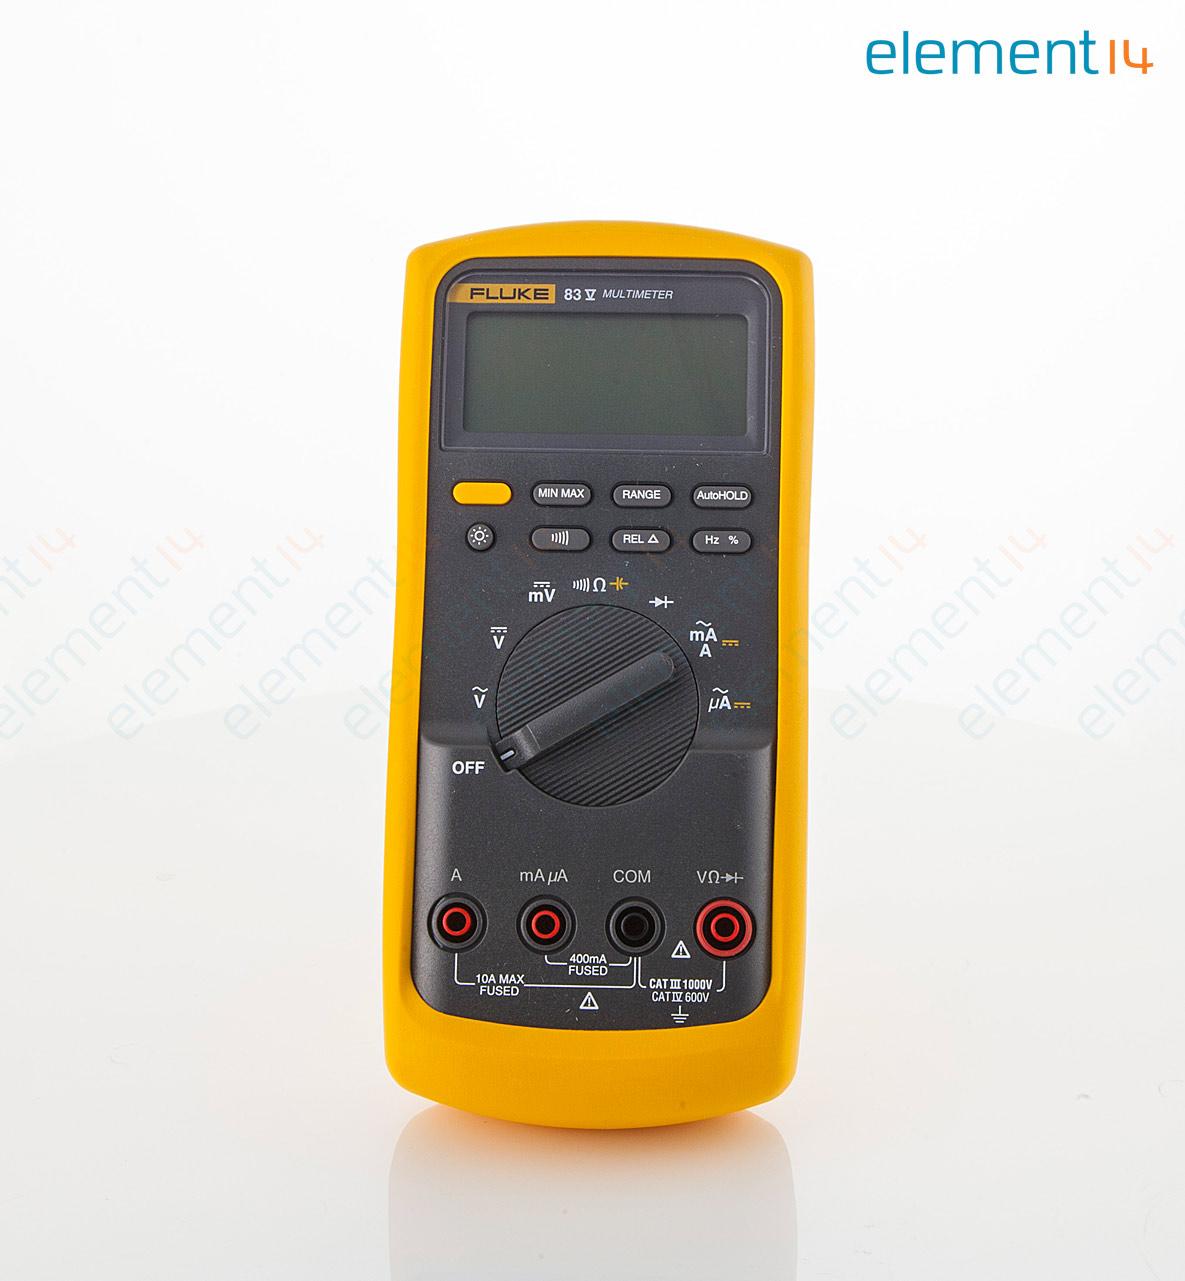 fluke 83 v eur fluke industrial digital multimeter 80 series v rh uk farnell com Fluke 50s K J Thermometer Fluke 179 True RMS Multimeter